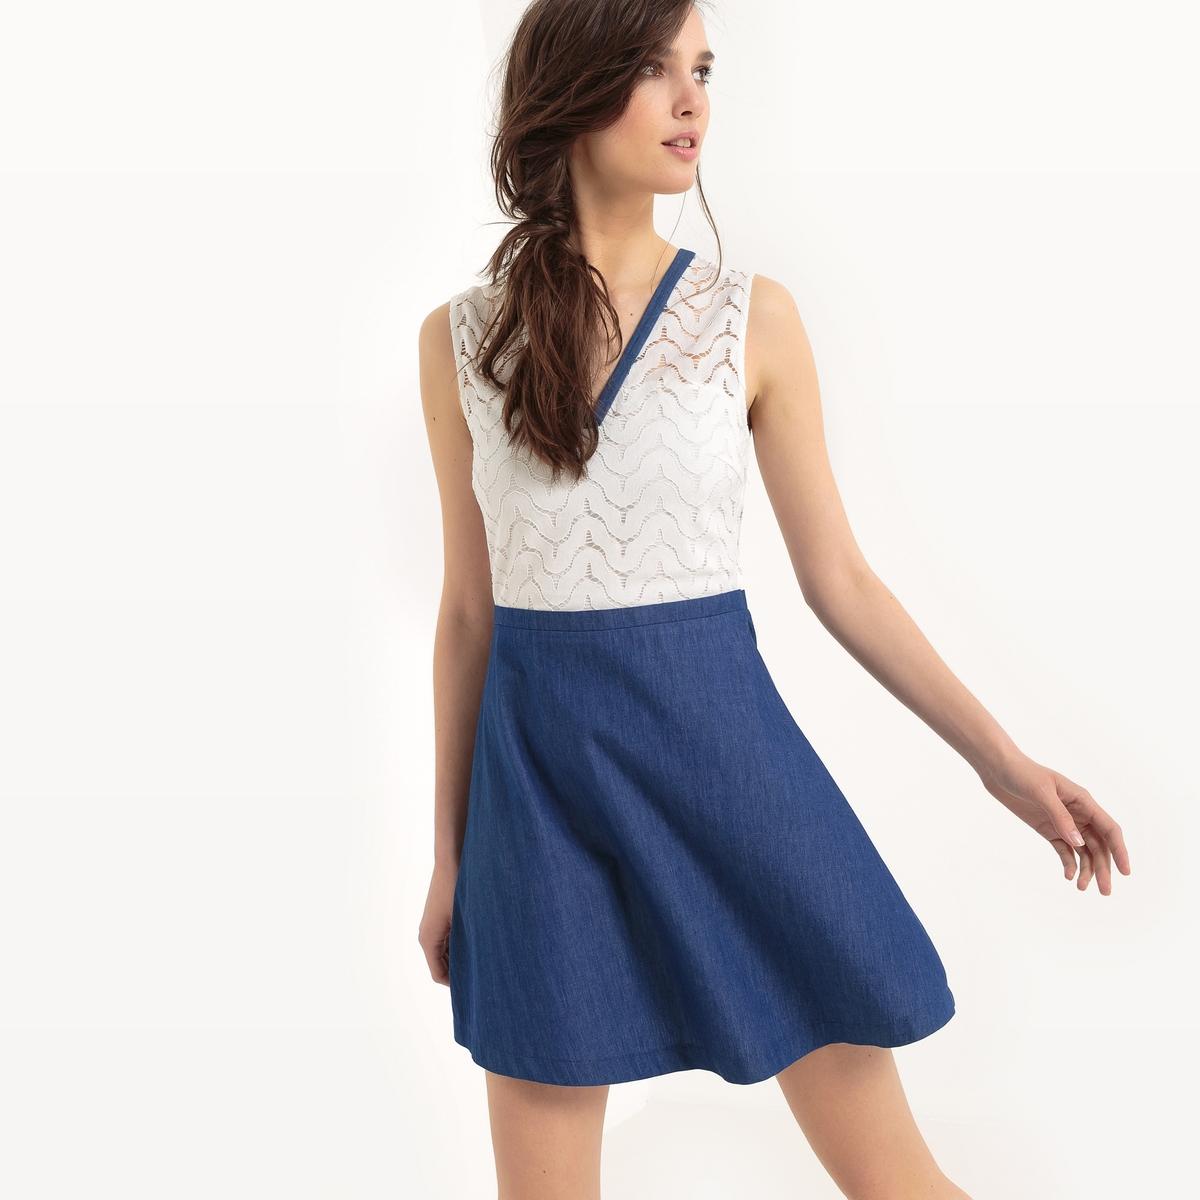 Платье короткое однотонное без рукавов платье без рукавов 85% хлопка